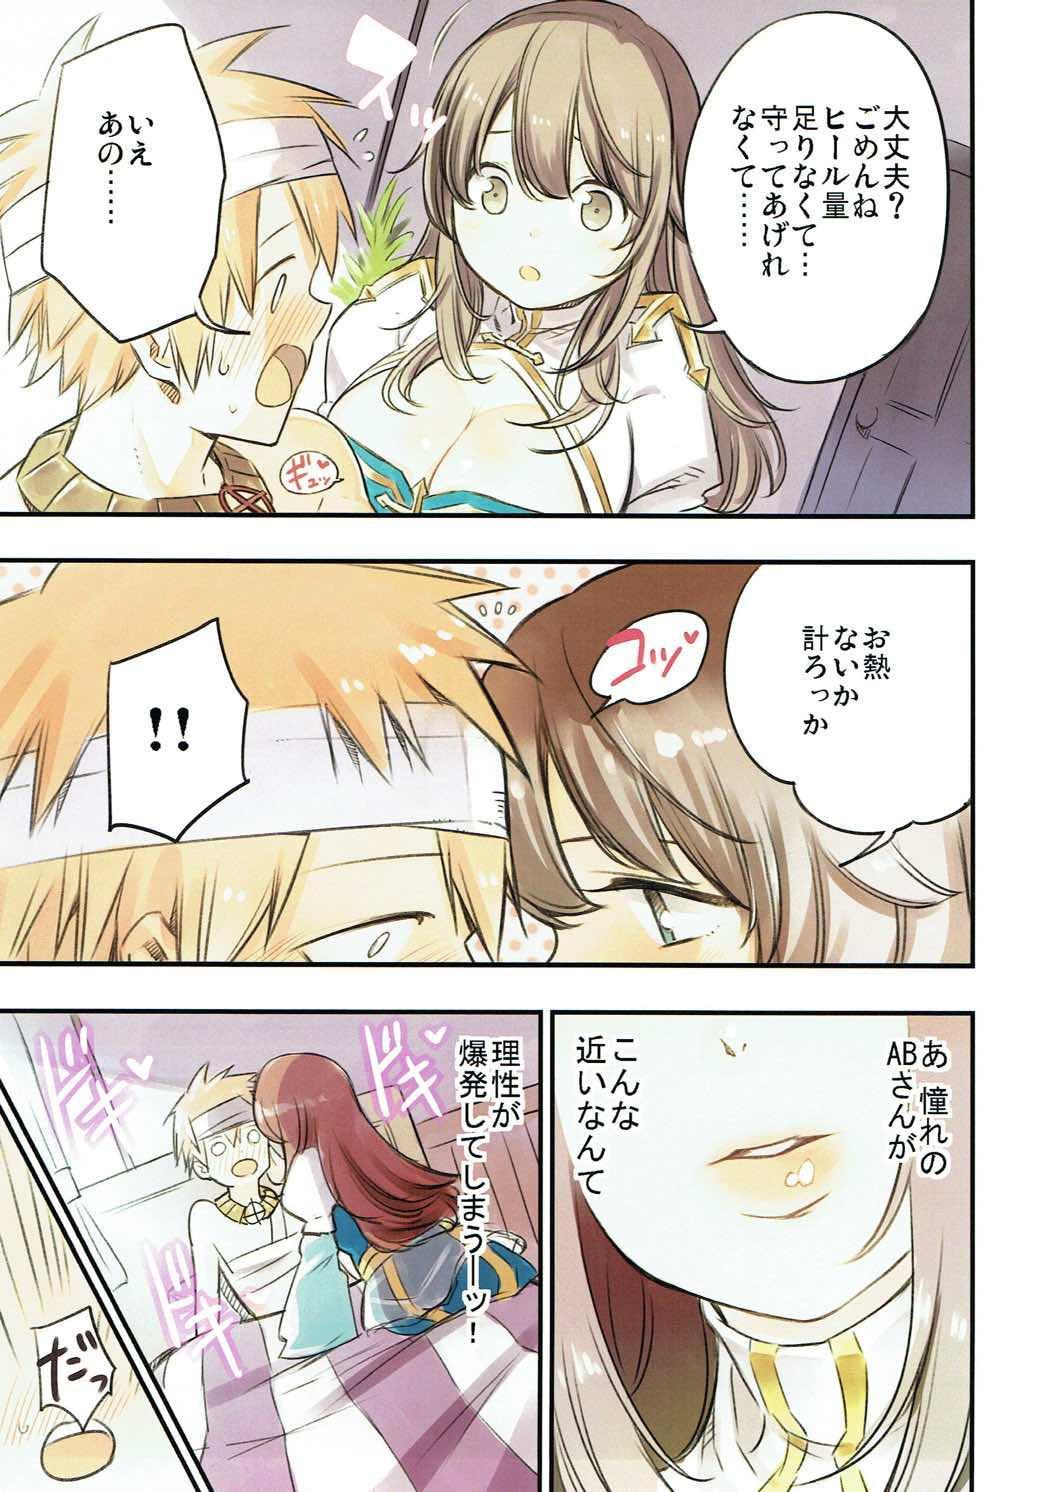 Iyashite AB-san 5